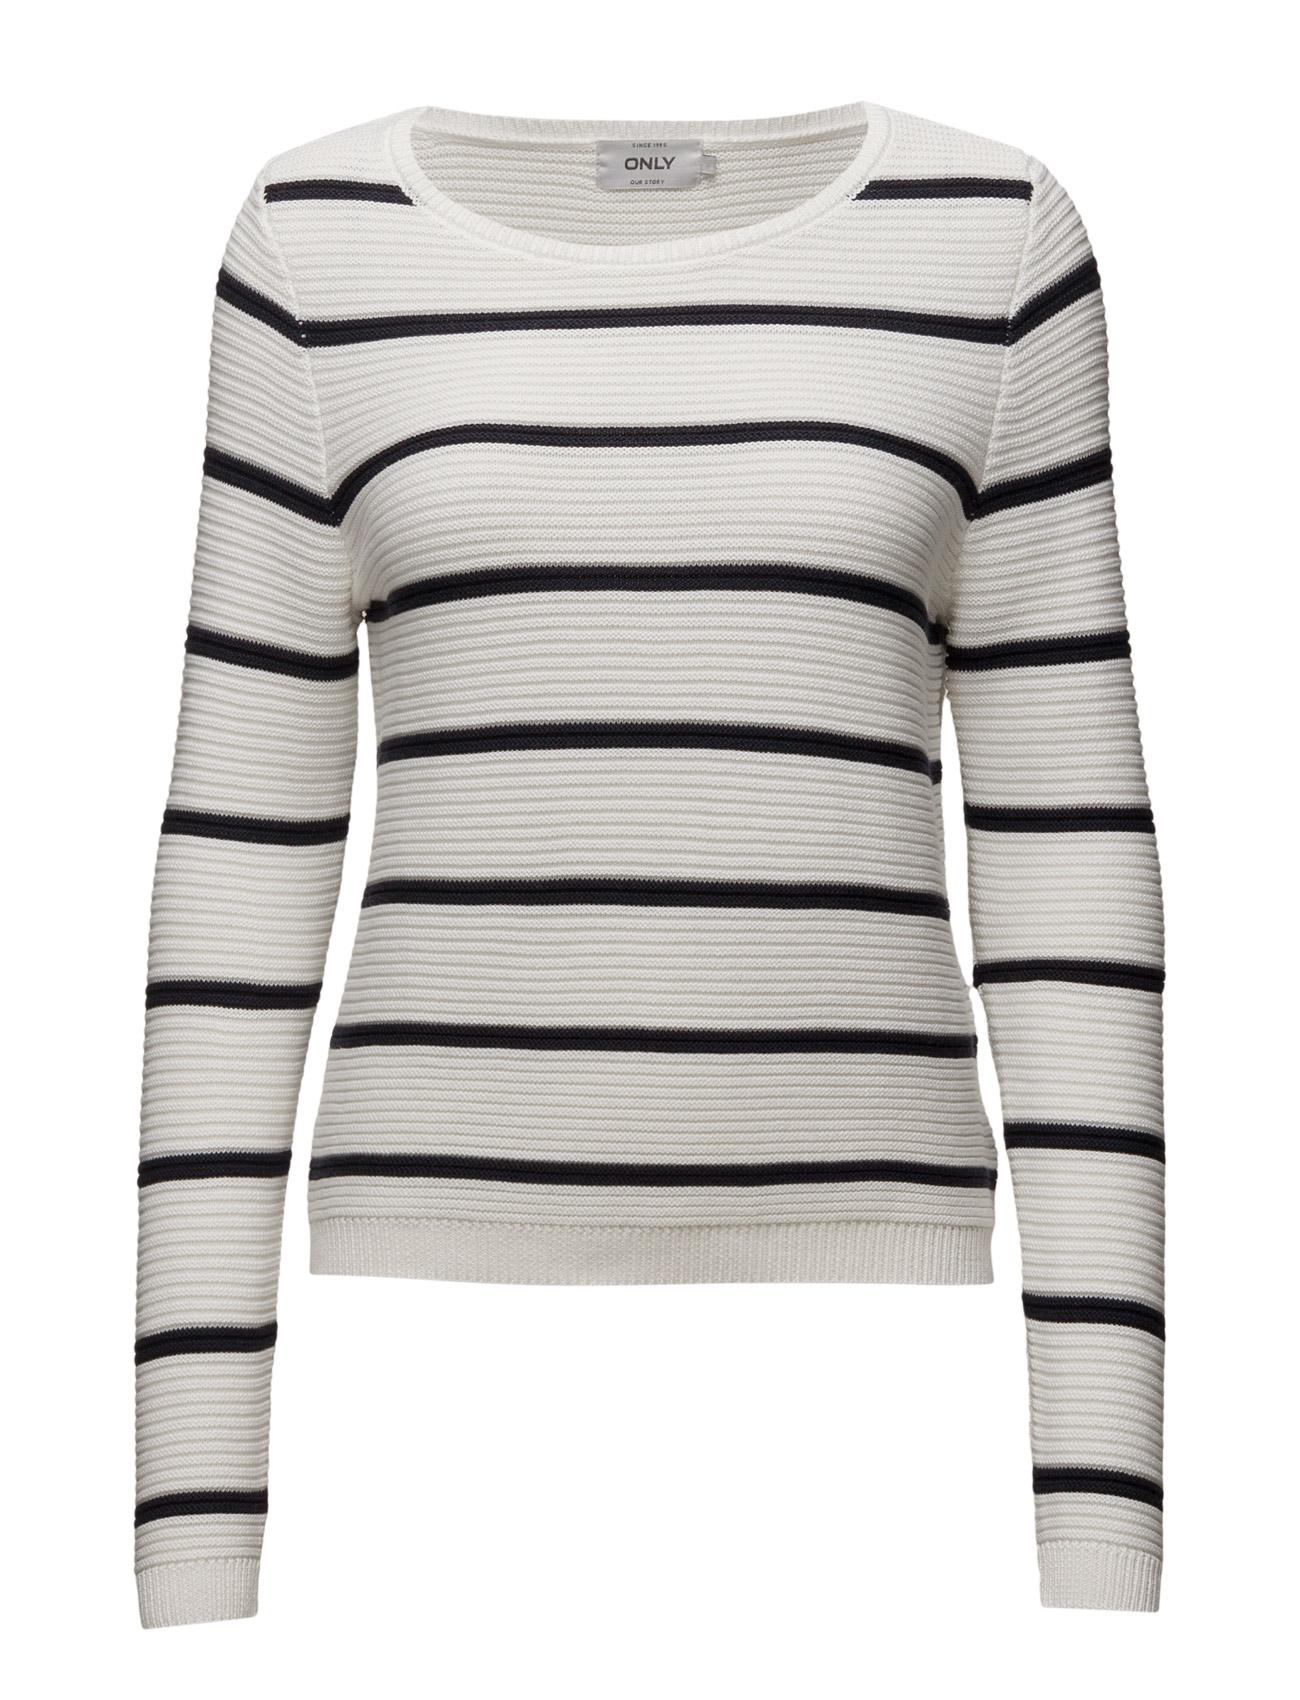 Onlamy L/S  Pullover Knt ONLY Sweatshirts til Kvinder i Cloud Dancer